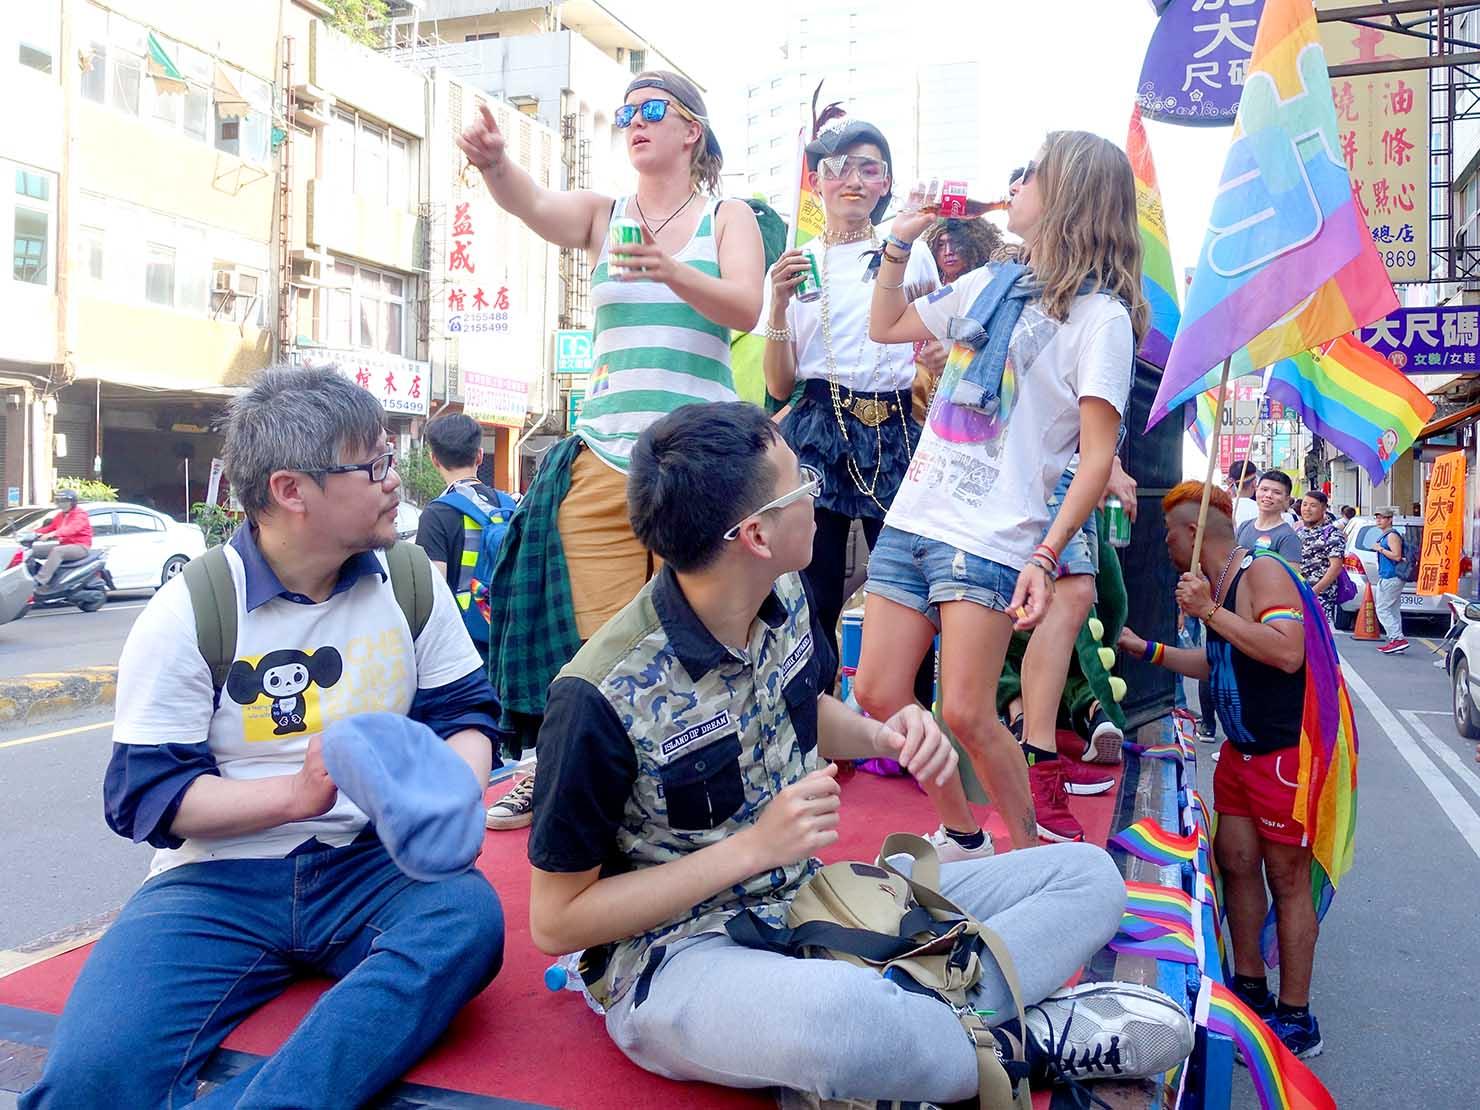 2018年台湾最初のLGBTプライド「台南彩虹遊行(台南レインボーパレード)」で盛り上がるパレードカー